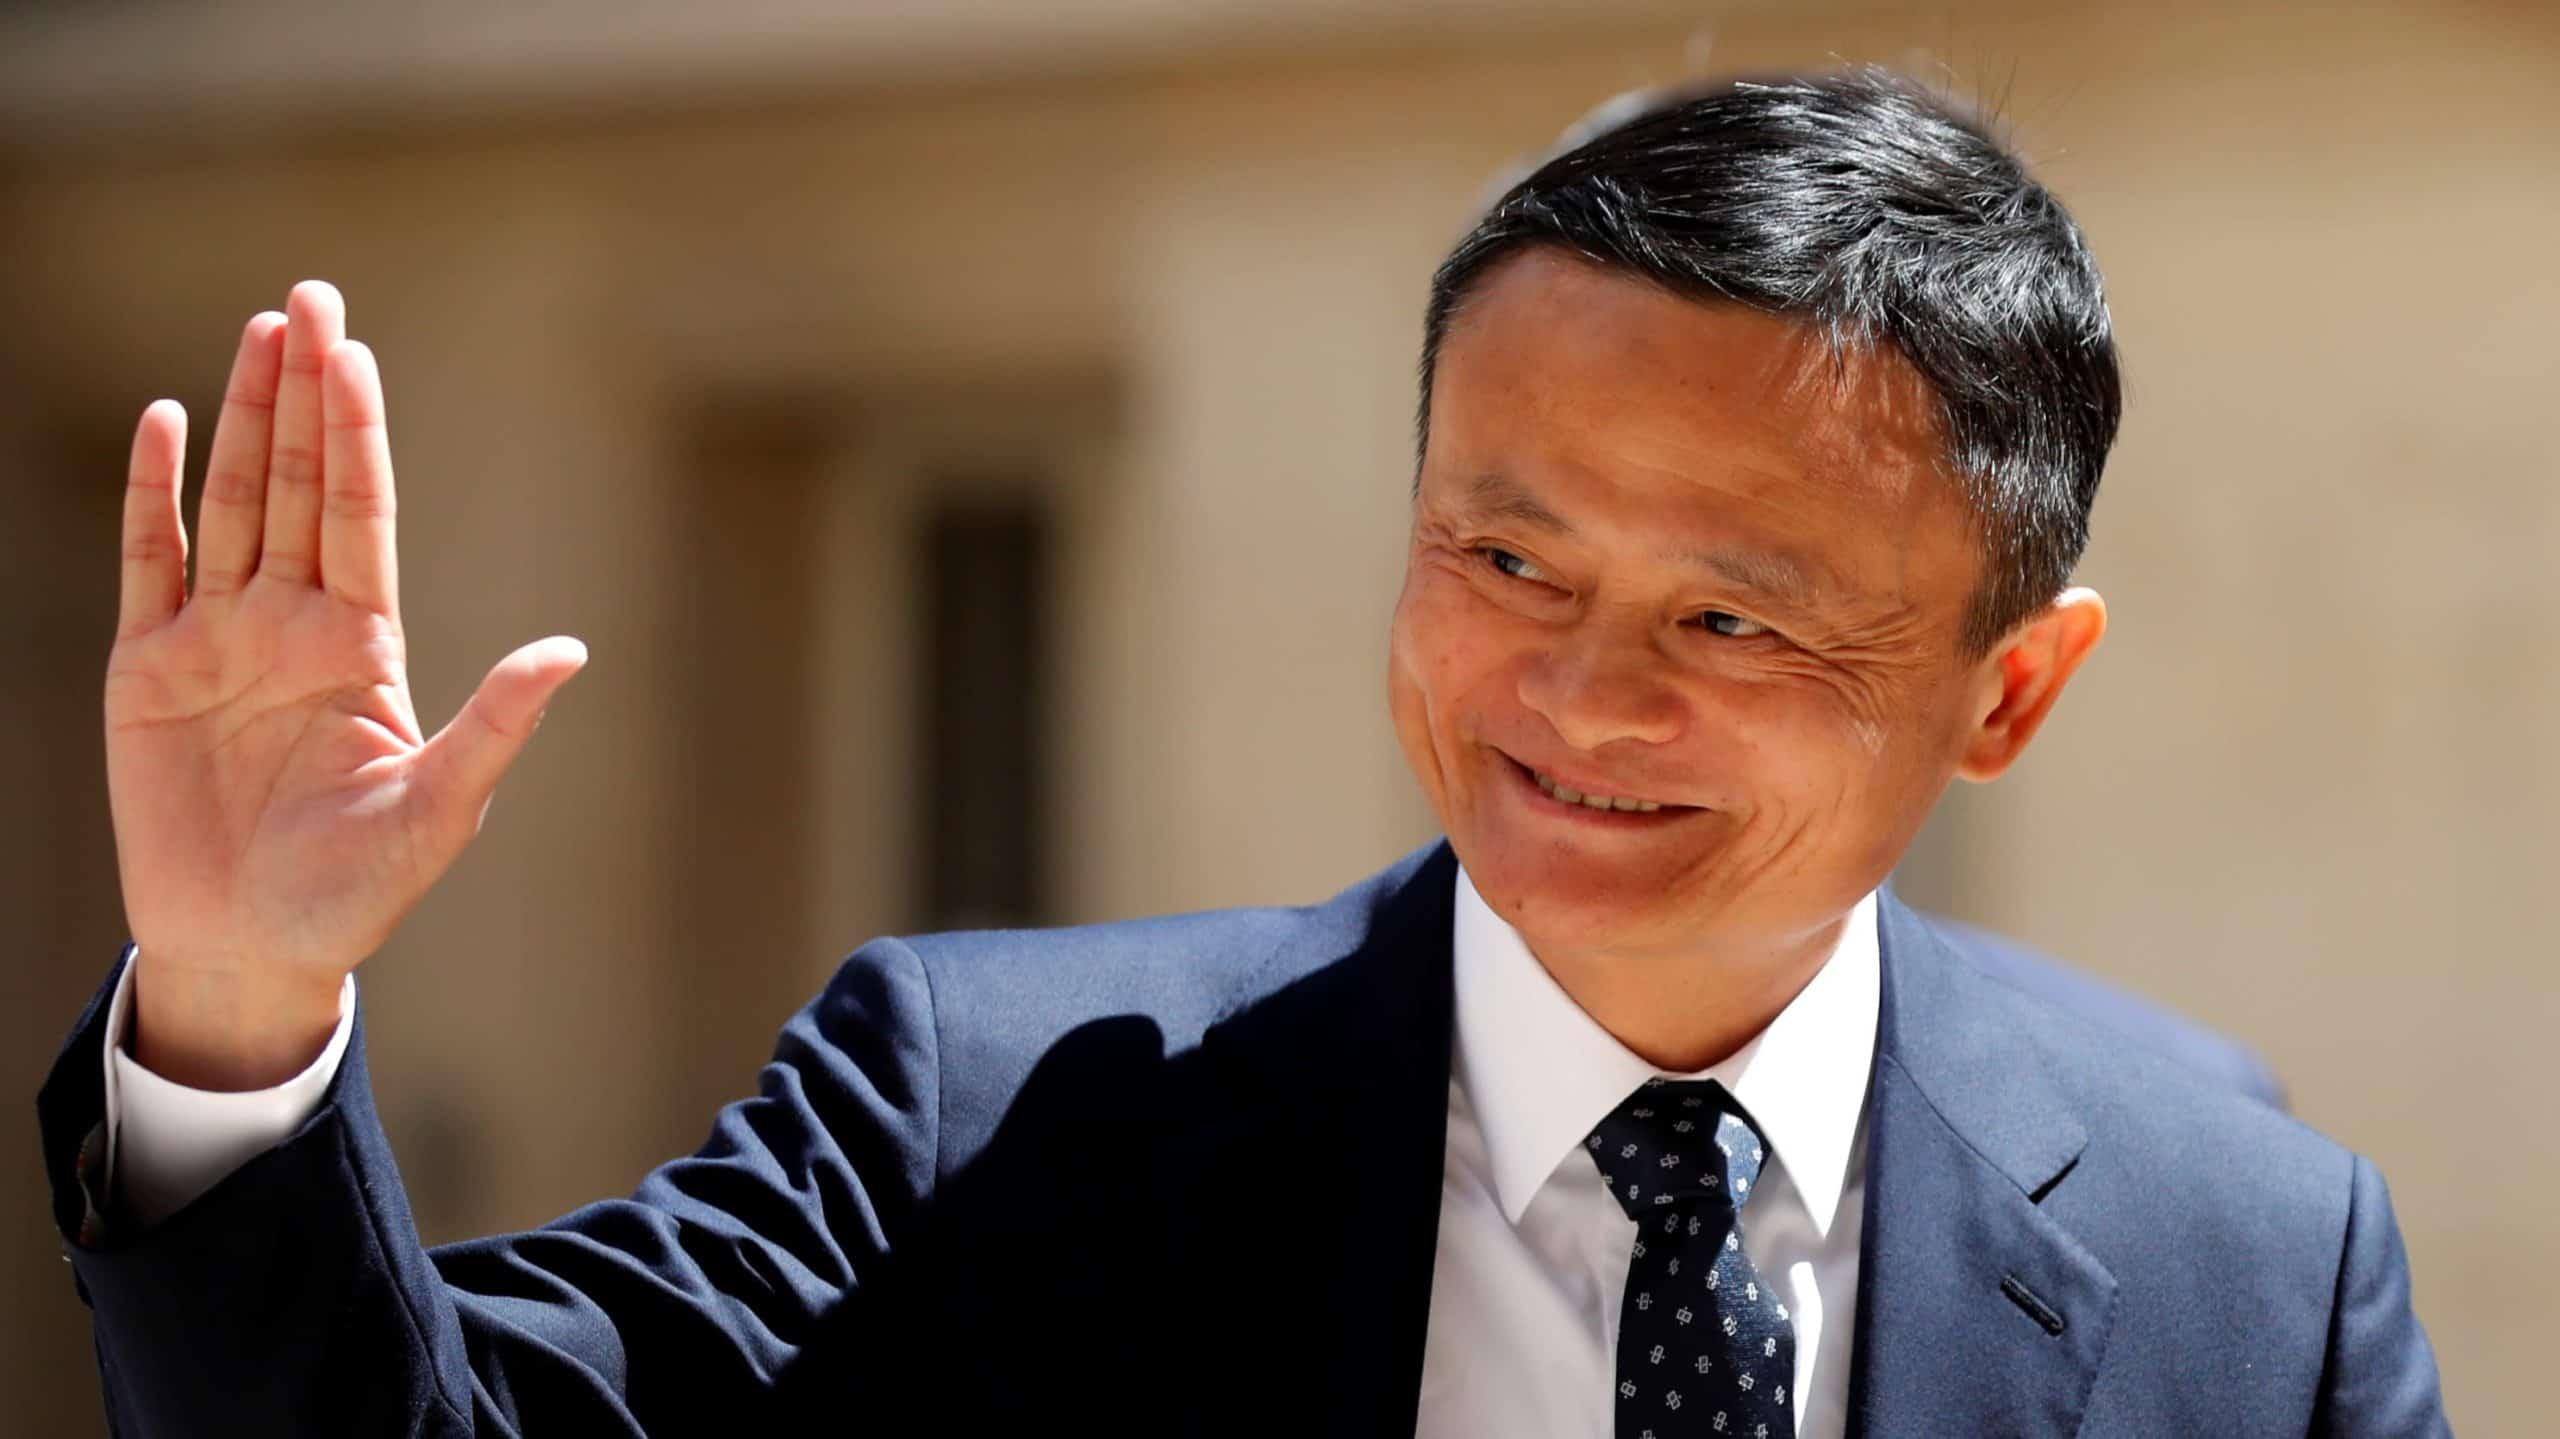 Jack Ma. Source: Nikkei